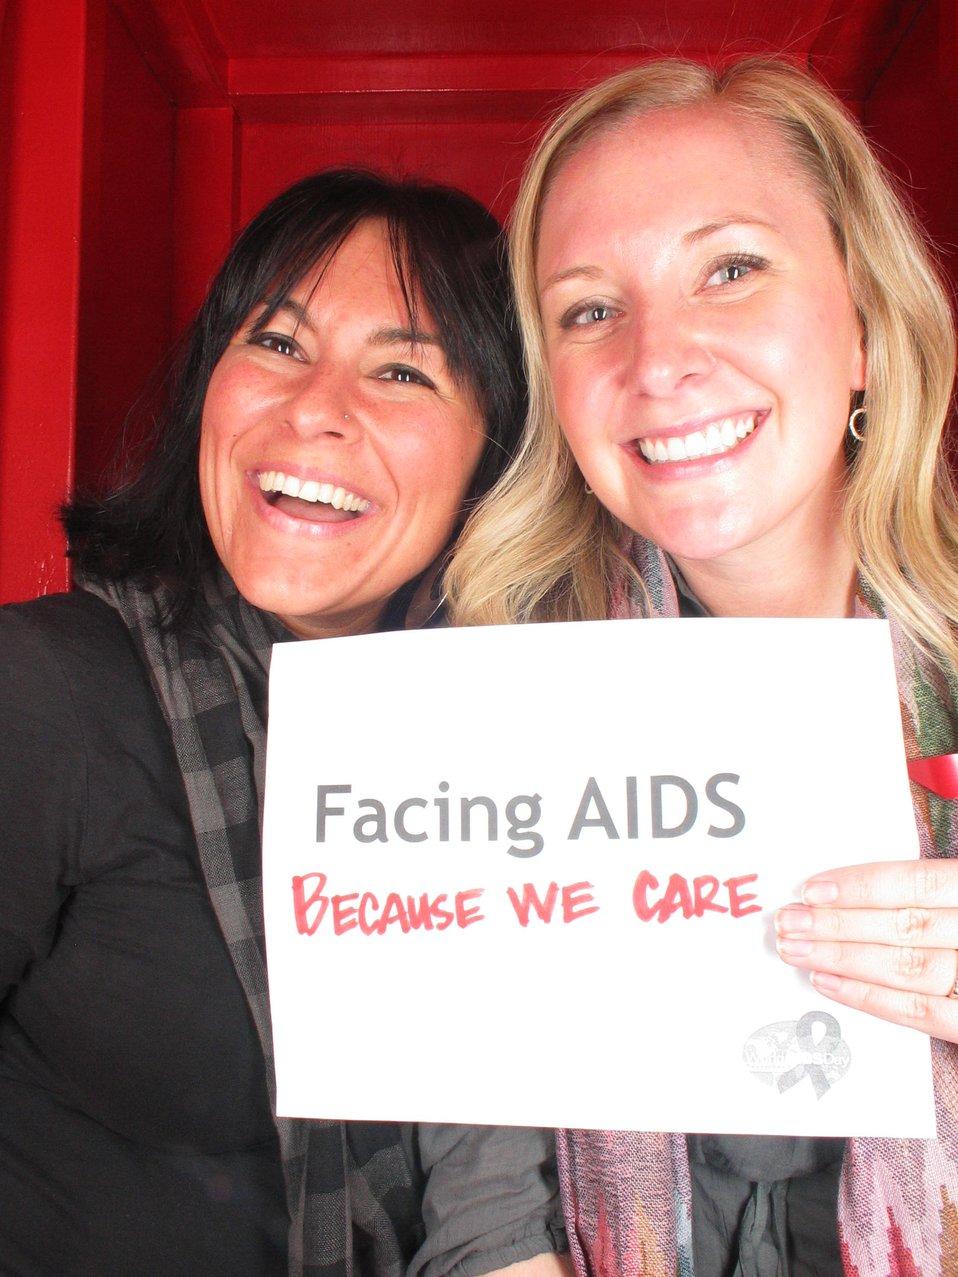 Facing AIDS because we care.